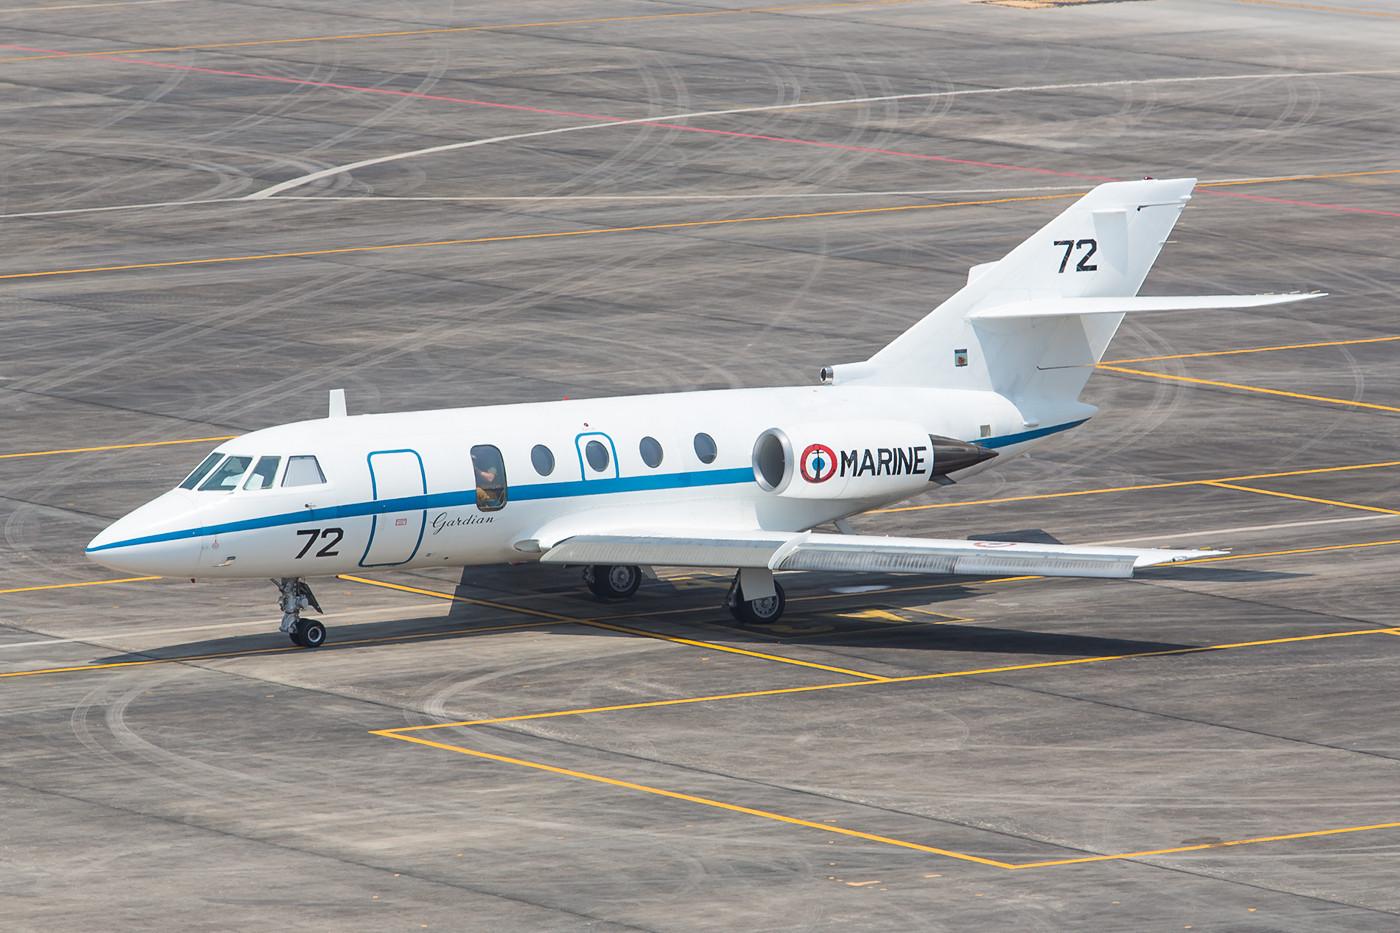 Die Delegation der französischen Marine reiste mit dieser Falcon 20 an.